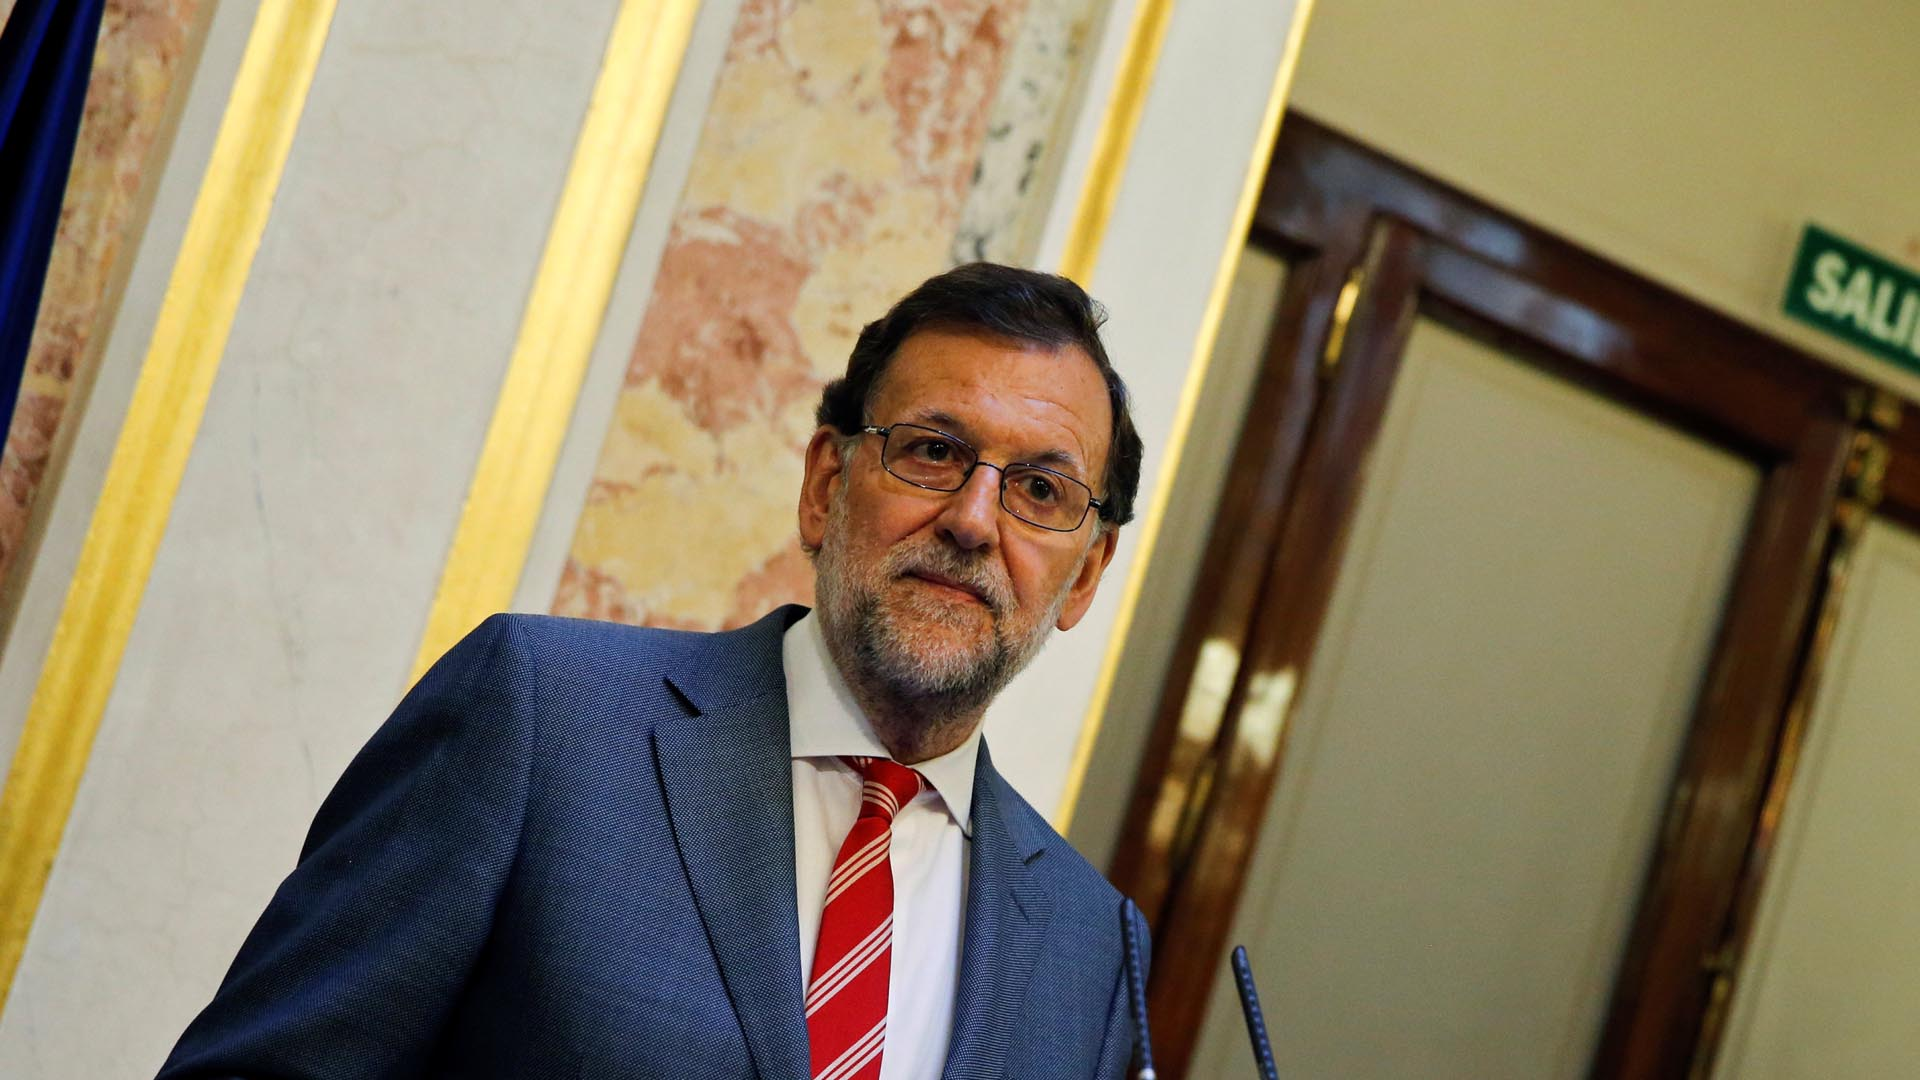 """El líder del Partido Popular expresó su rechazo de volver a las urnas por tercera vez. """"Sería un disparate"""", dijo"""